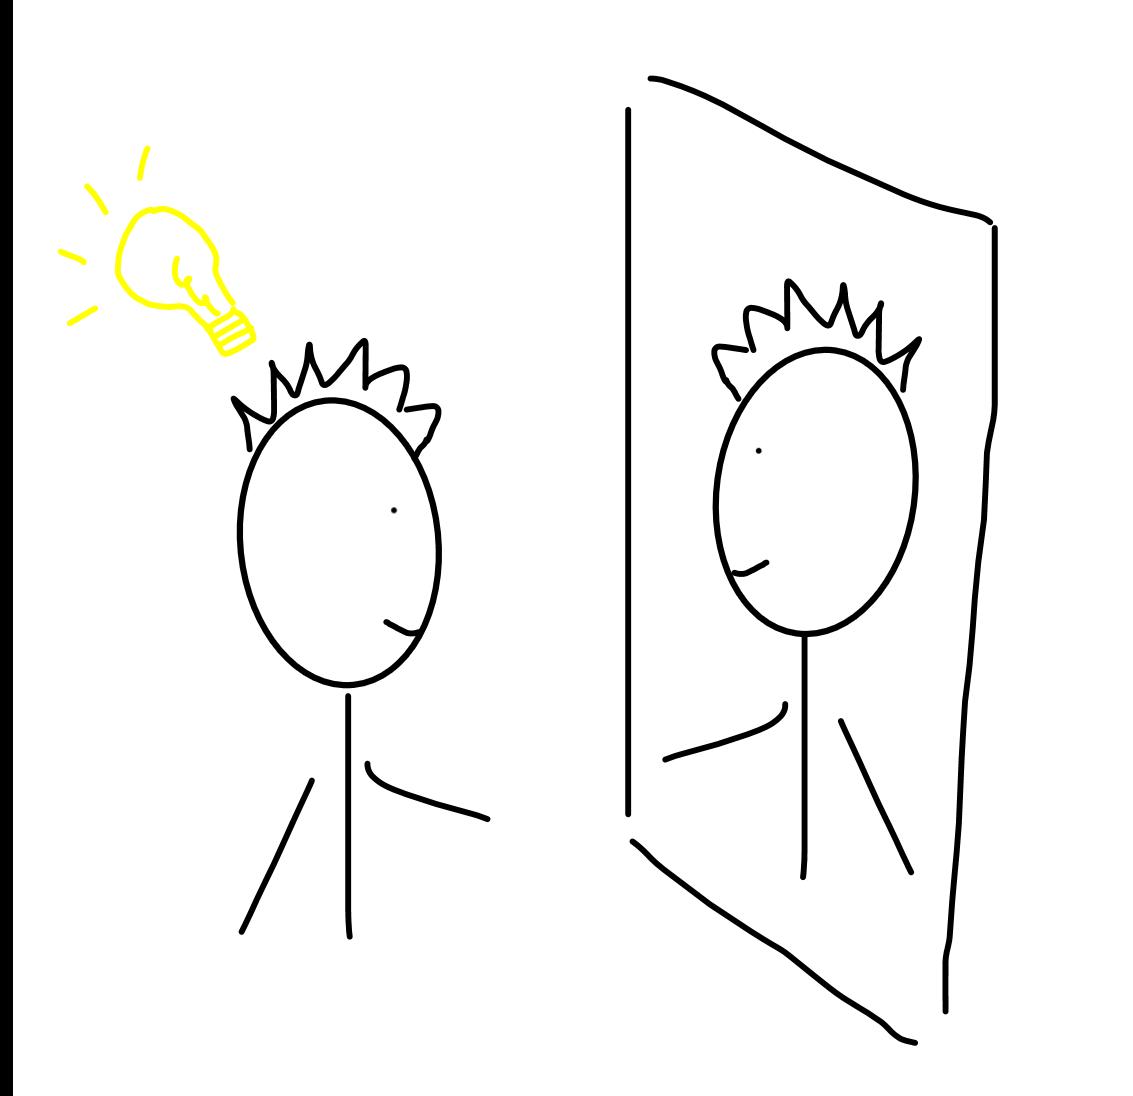 Getekend Poppetje Die In De Spiegel Kijkt En Persoonlijk Leiderschap Neemt